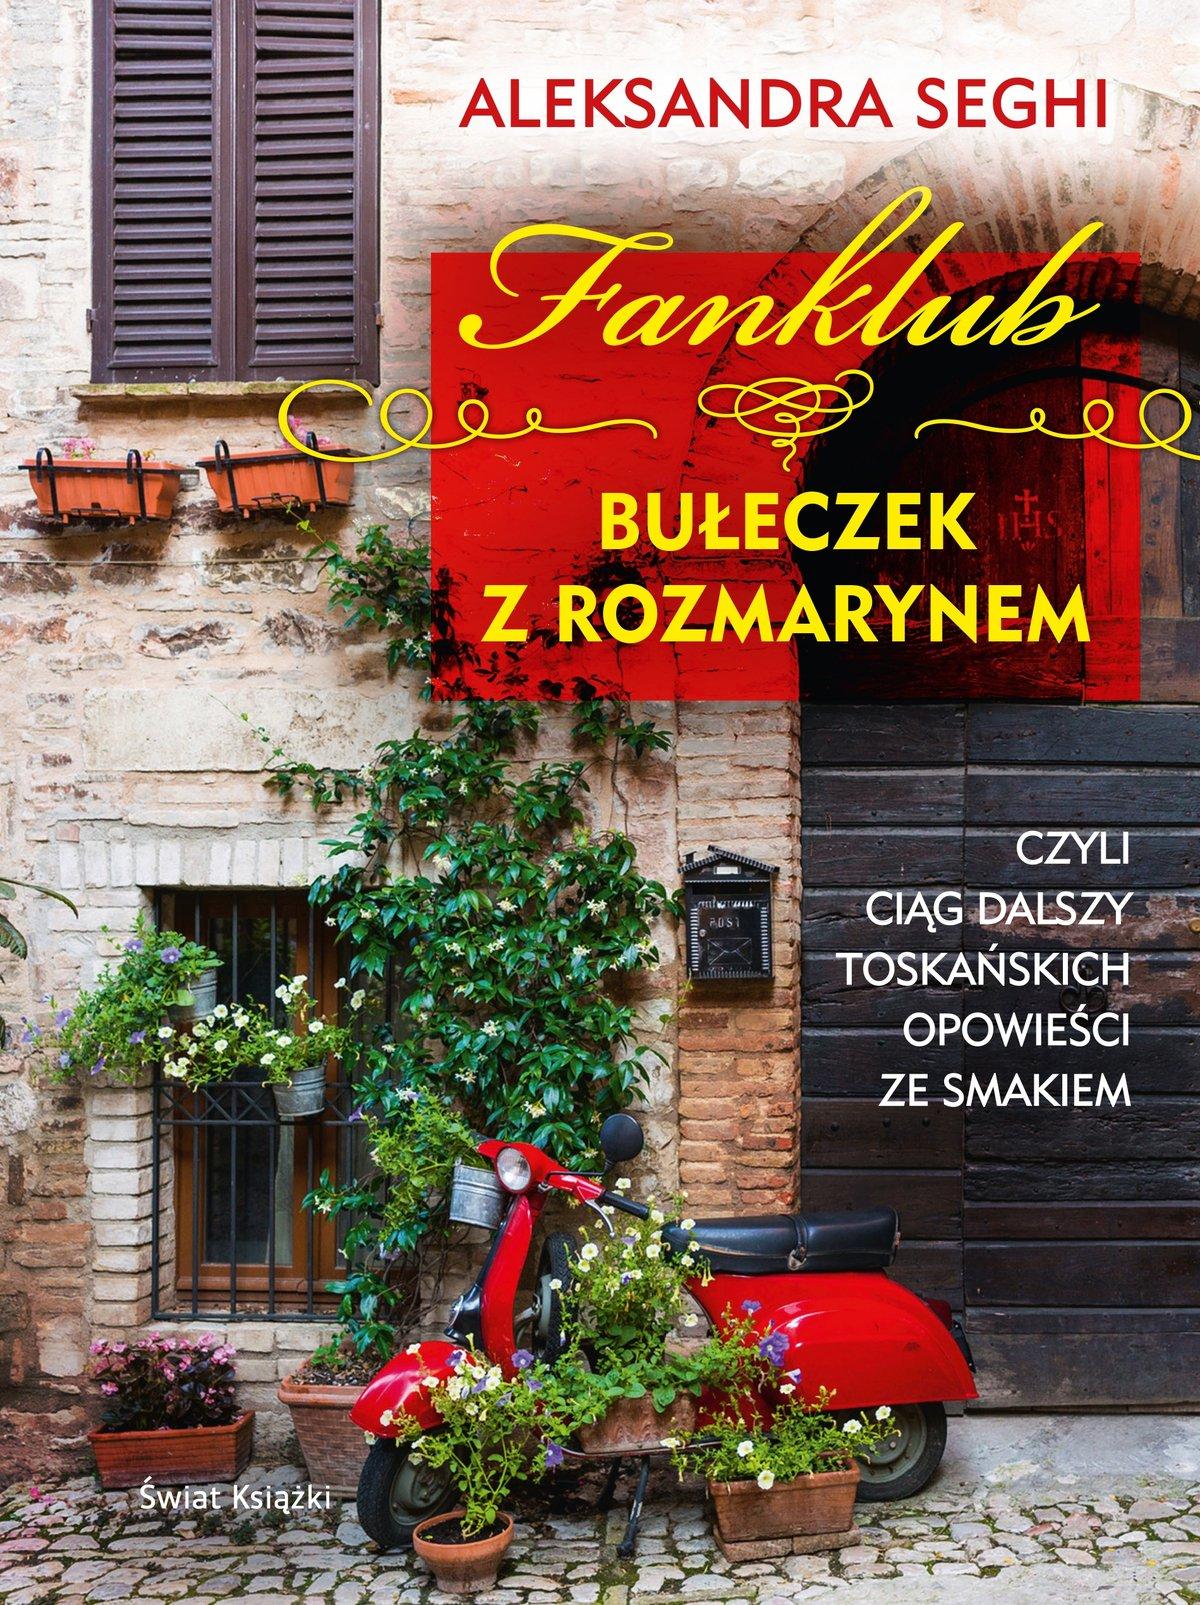 Fanklub bułeczek z rozmarynem, czyli ciąg dalszy toskańskich opowieści ze smakiem - Ebook (Książka EPUB) do pobrania w formacie EPUB